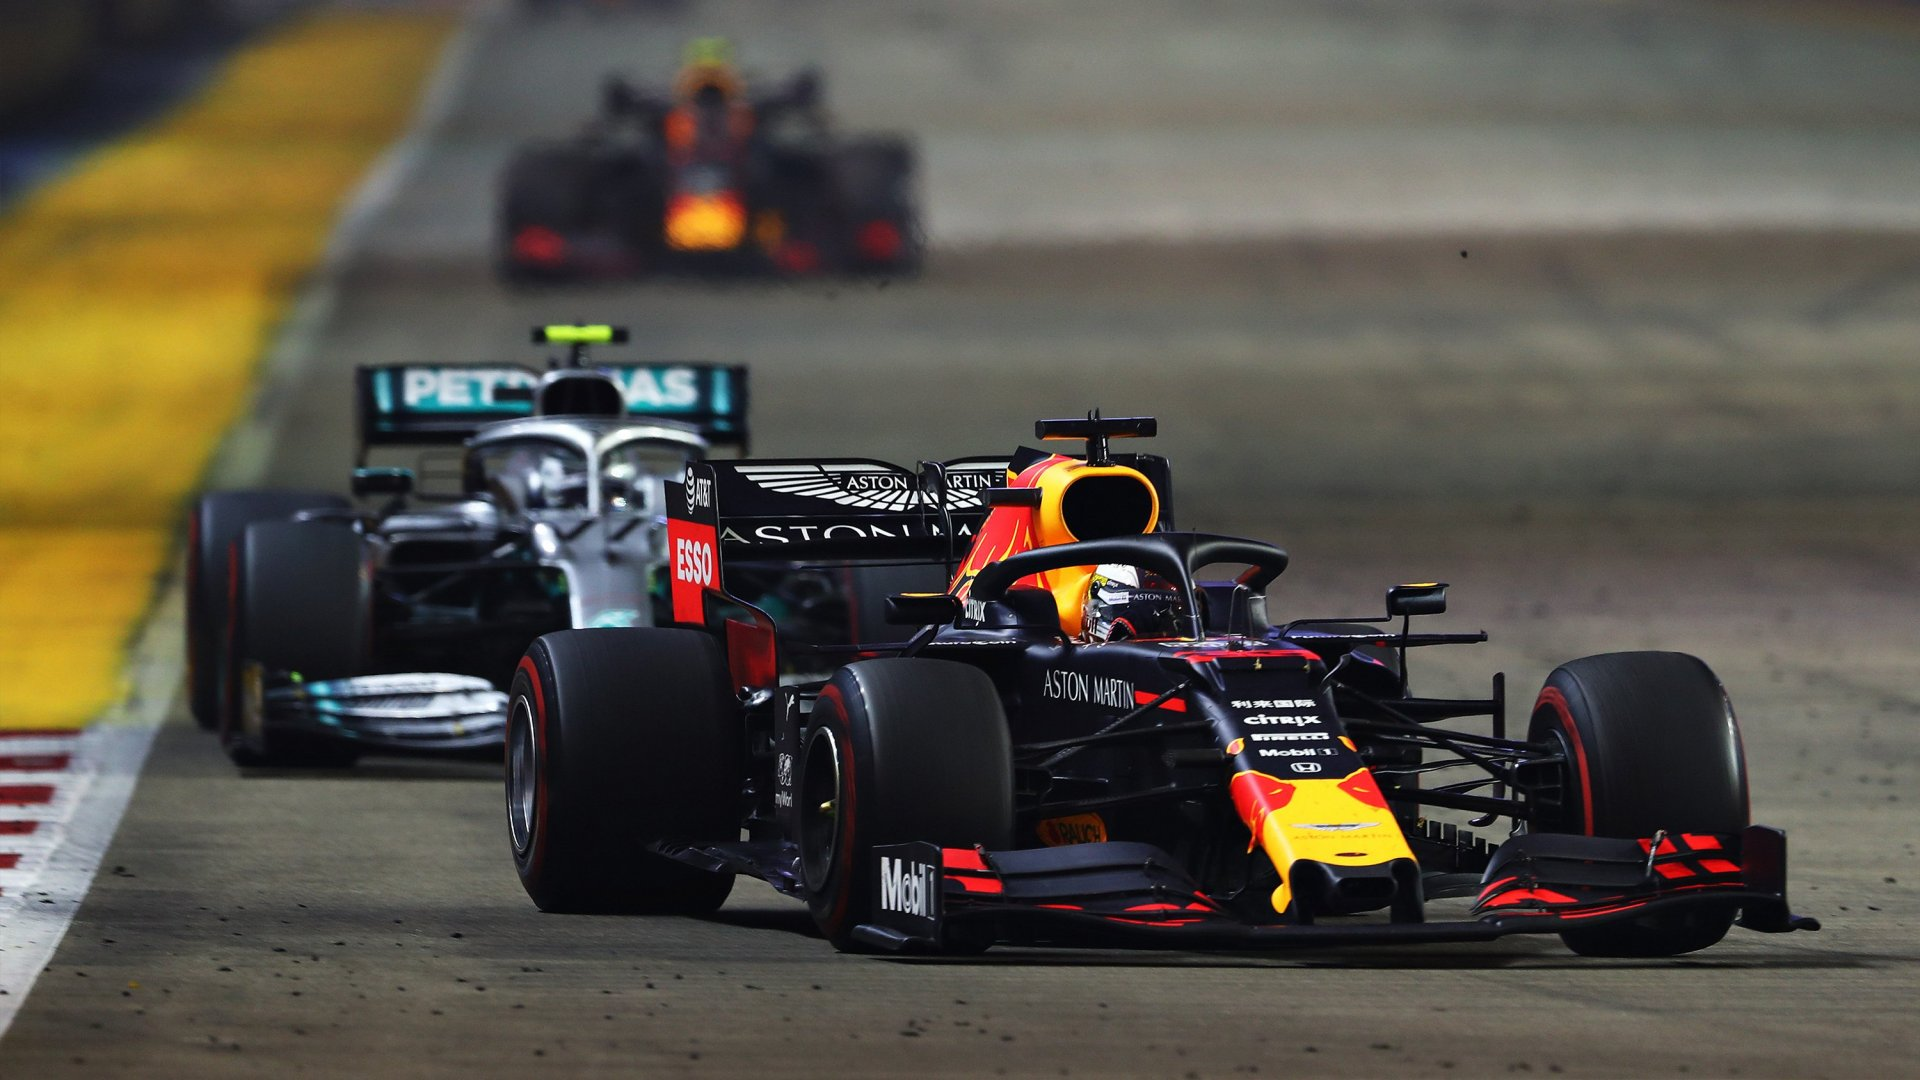 GP de Singapur 2019 2